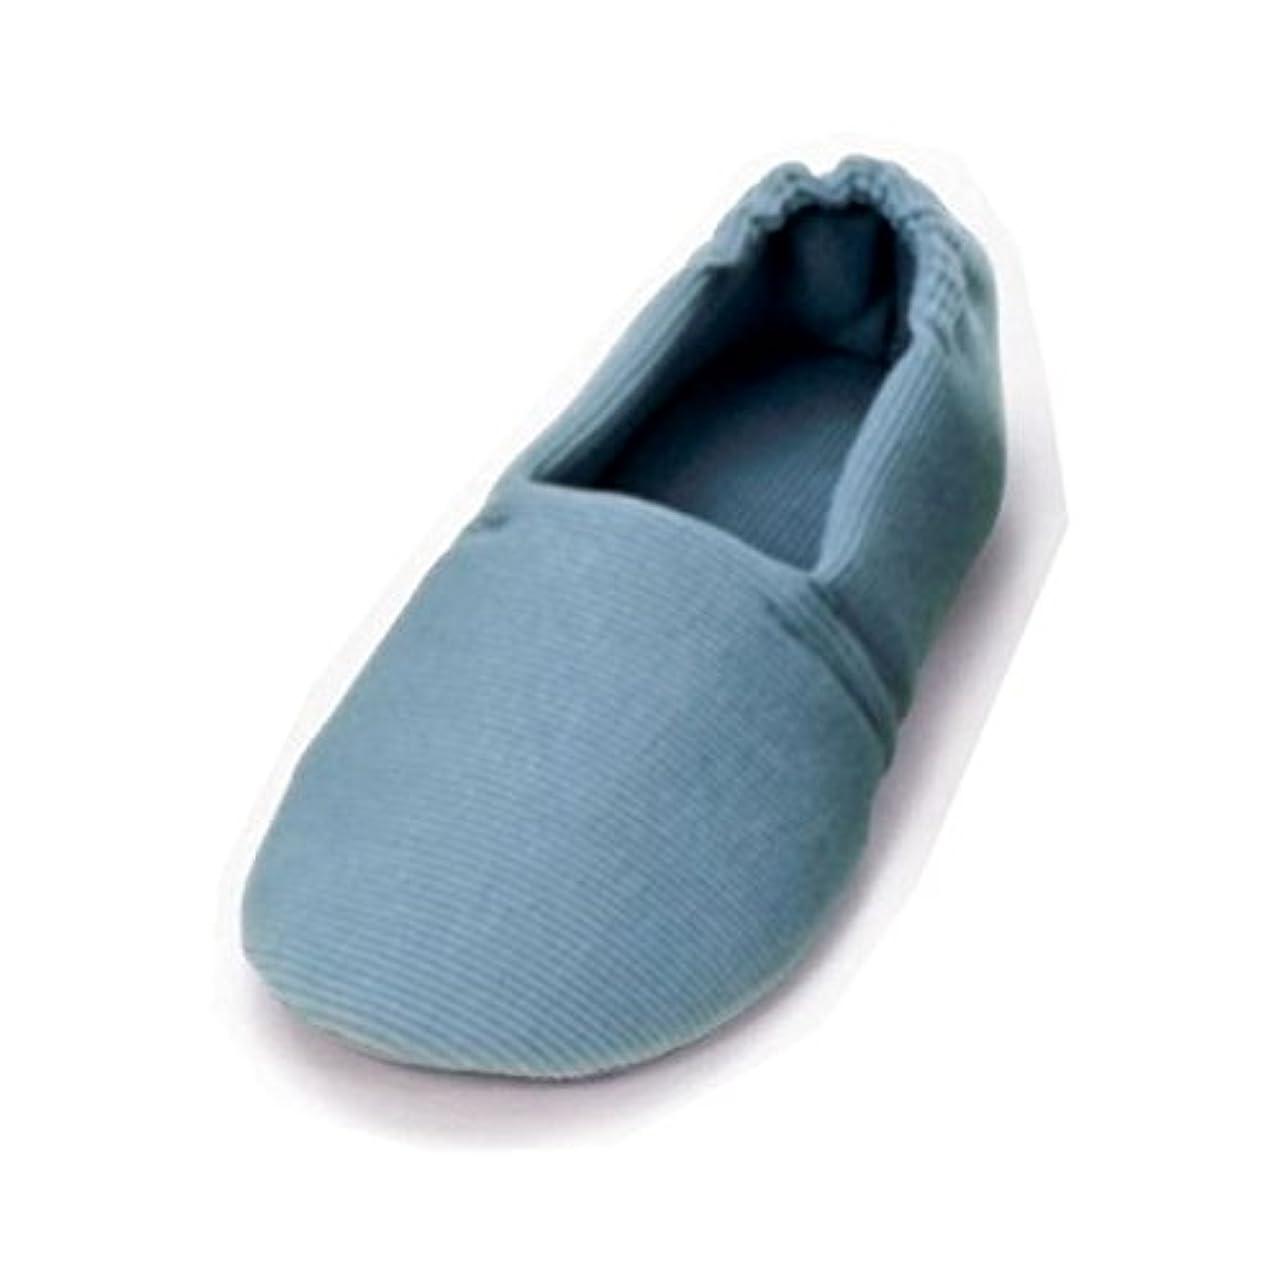 もう一度安西贈り物介護靴 室内用 エスパドワイド 2704 両足 徳武産業 あゆみシリーズ /L(23.5~24.5cm) ブルー ファッション 靴 シューズ サポートシューズ 室内用 [並行輸入品]